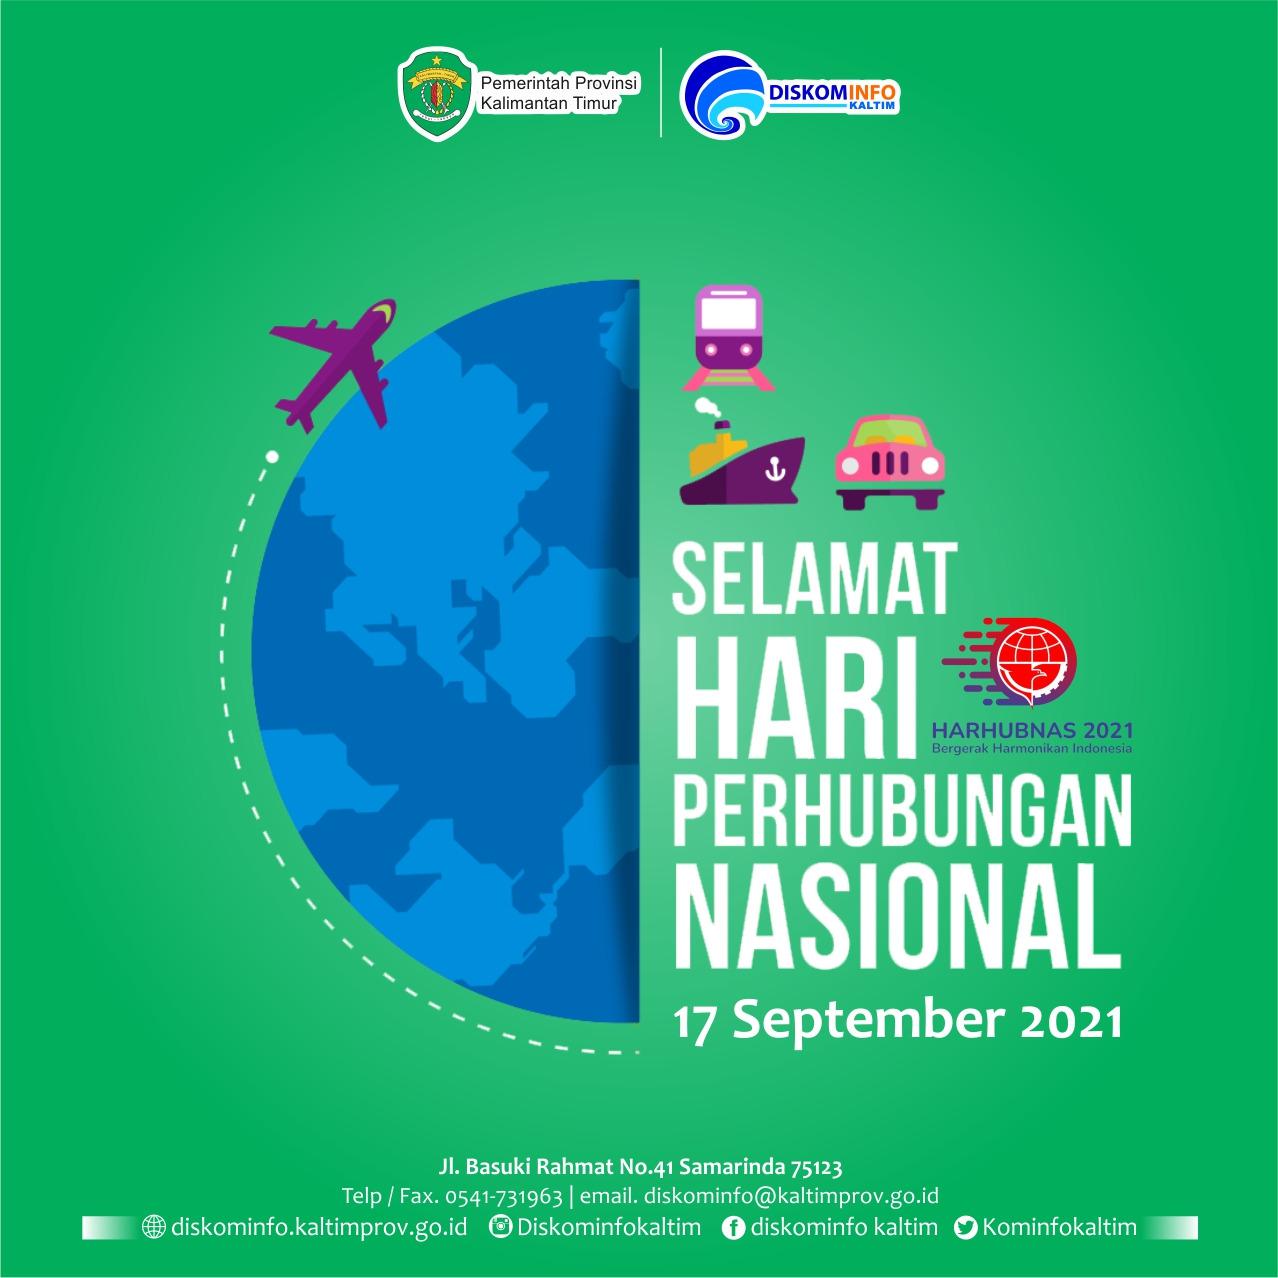 Hari Perhubungan Nasional Indonesia